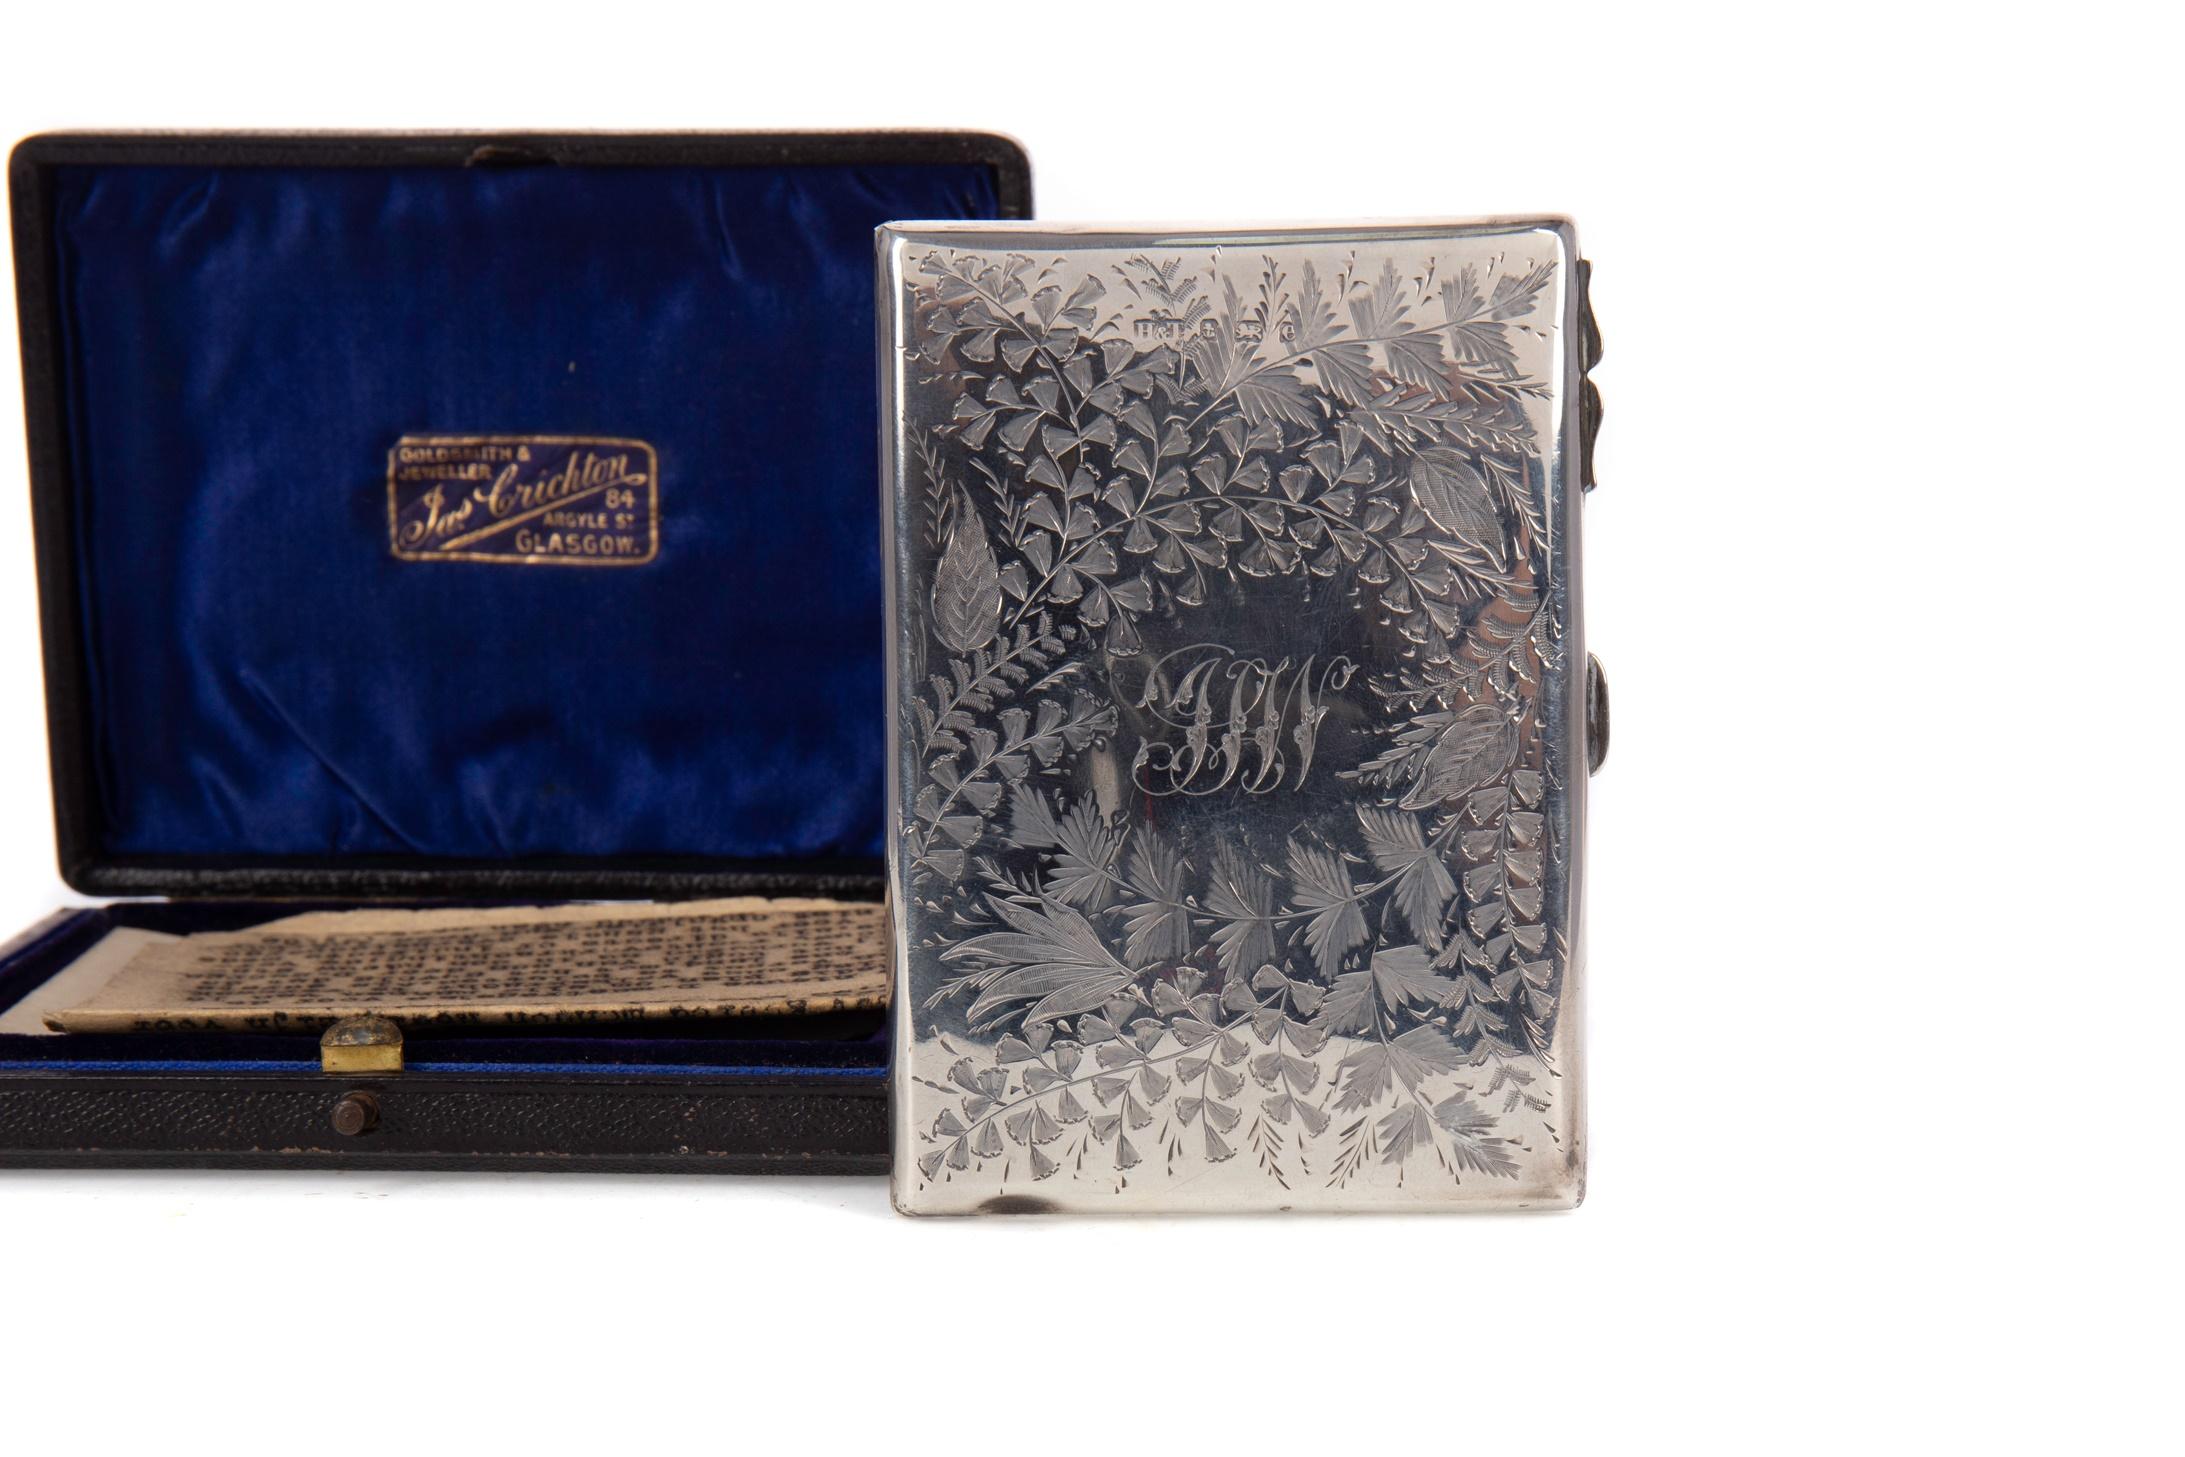 AN EDWARDIAN SILVER CARD CASE